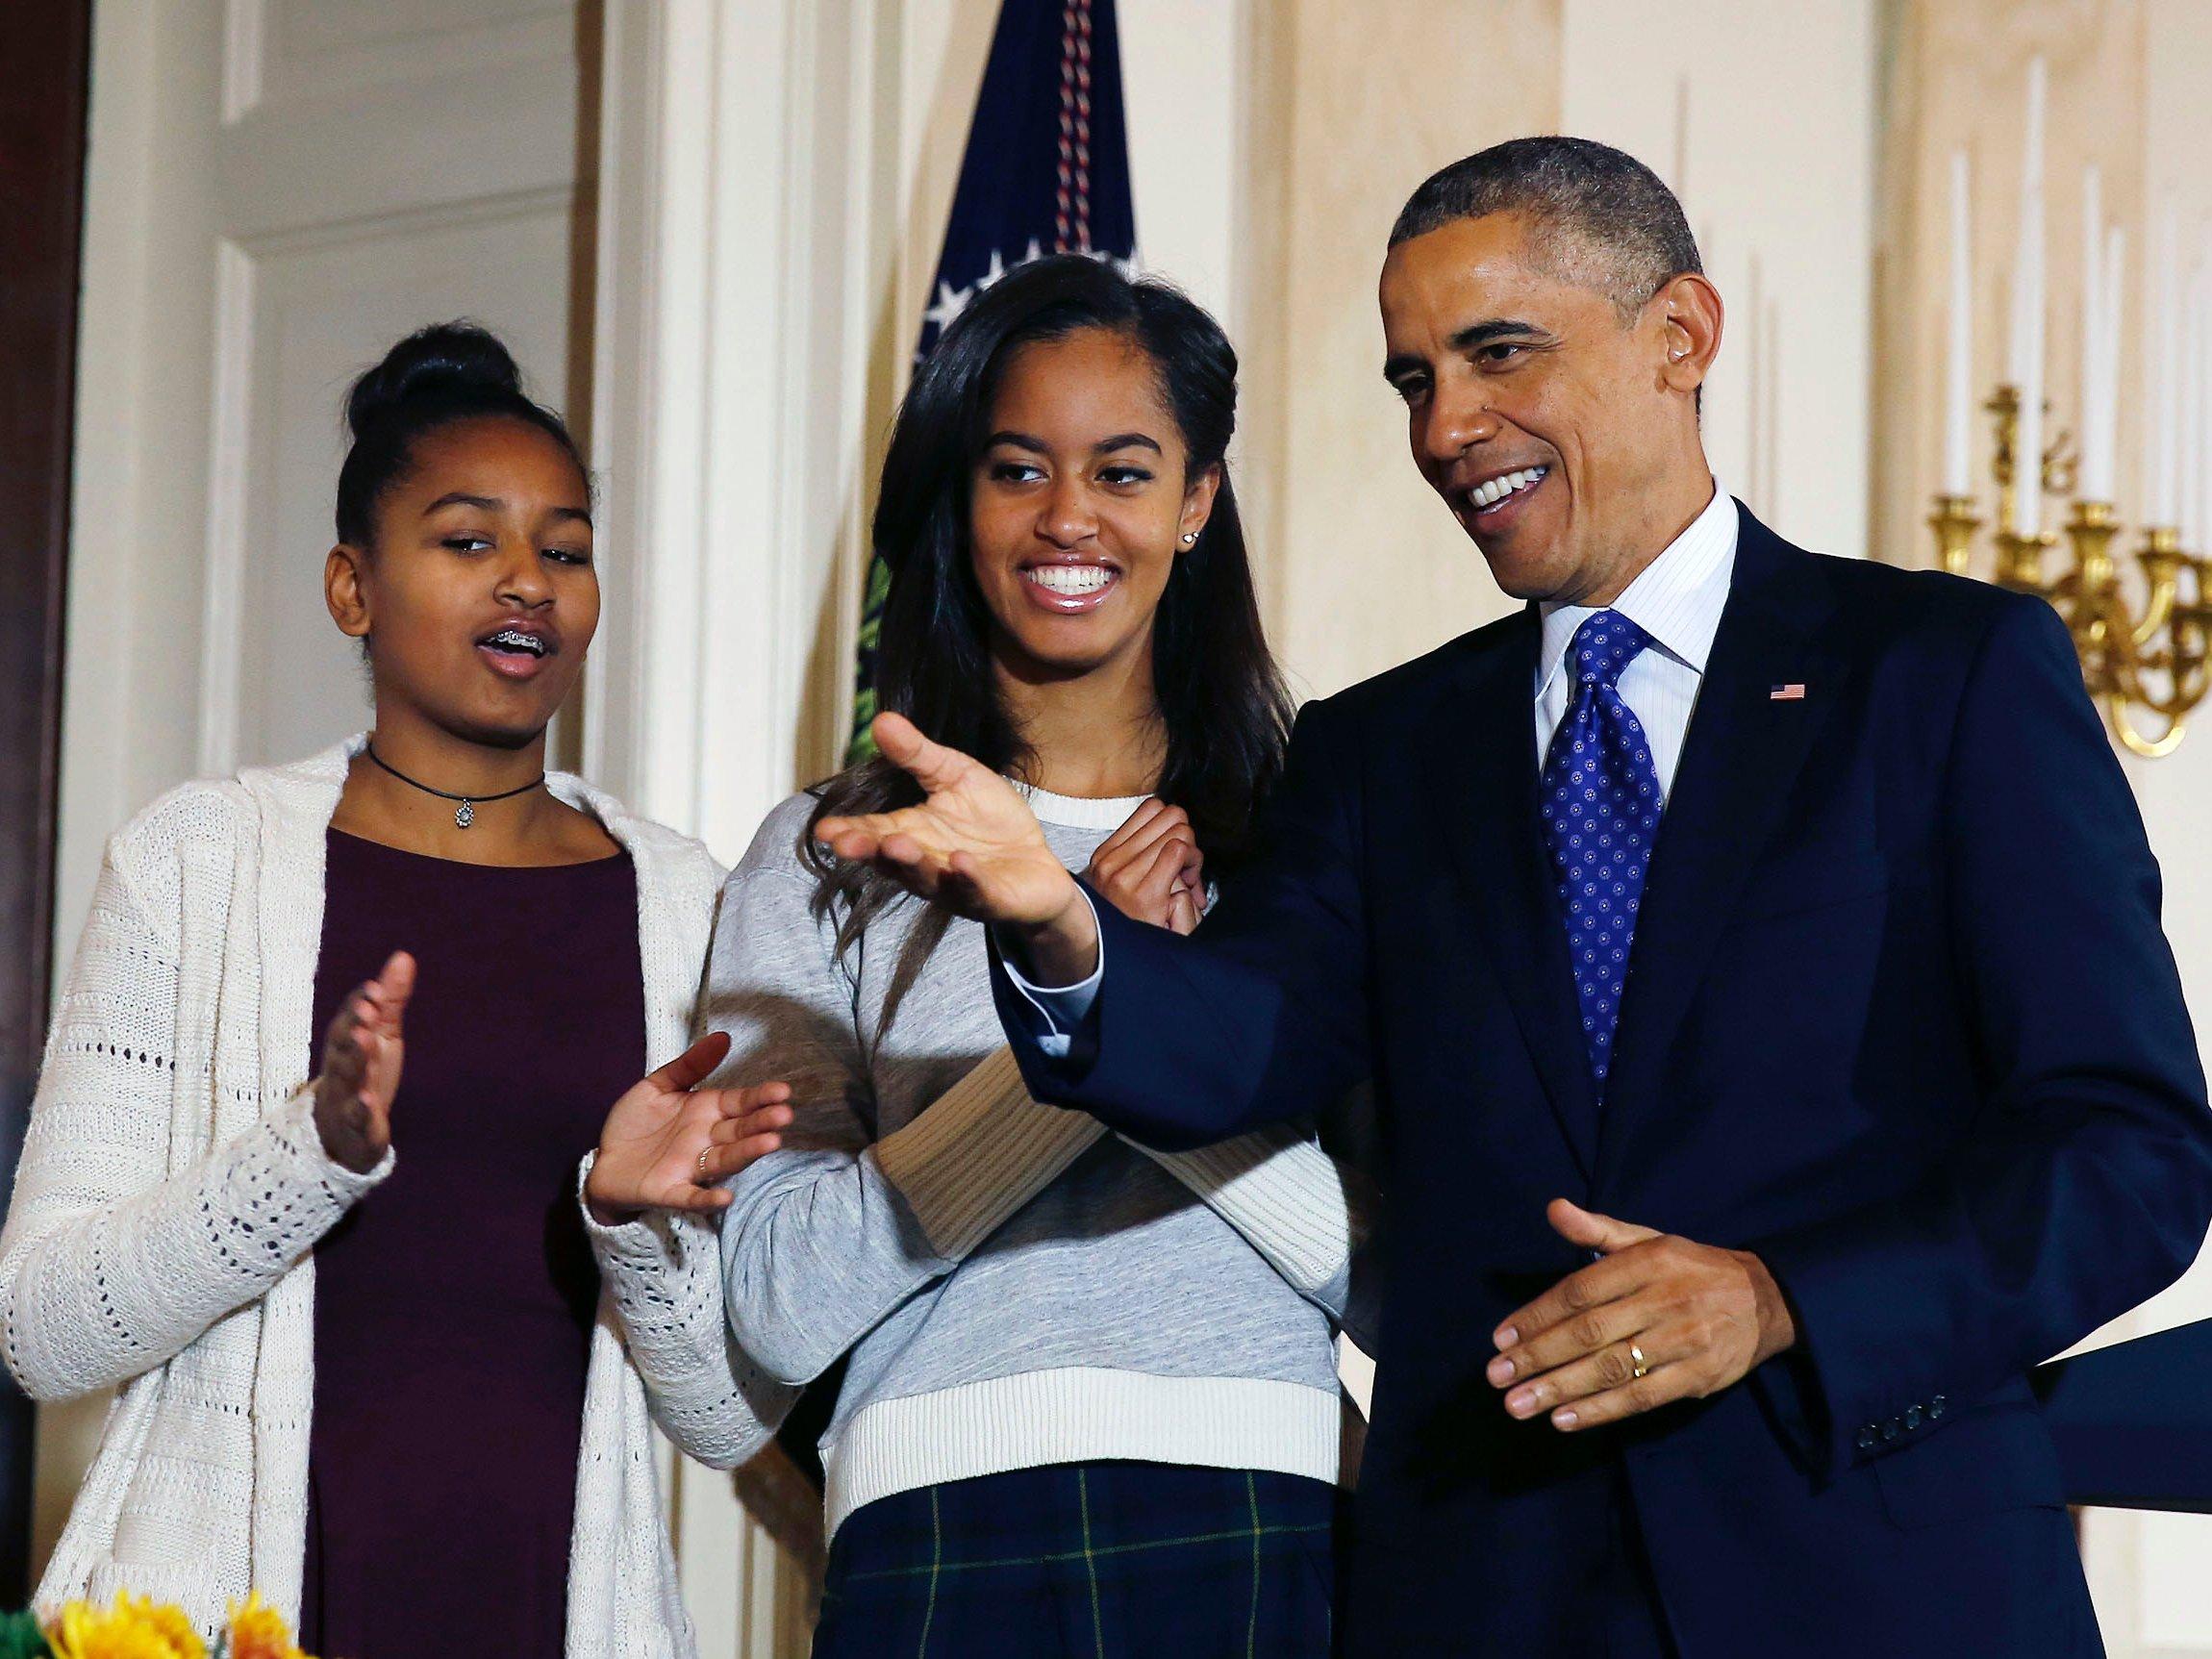 Вскоре семья Обамы покинет Белый дом. Фото: businessinsider.com